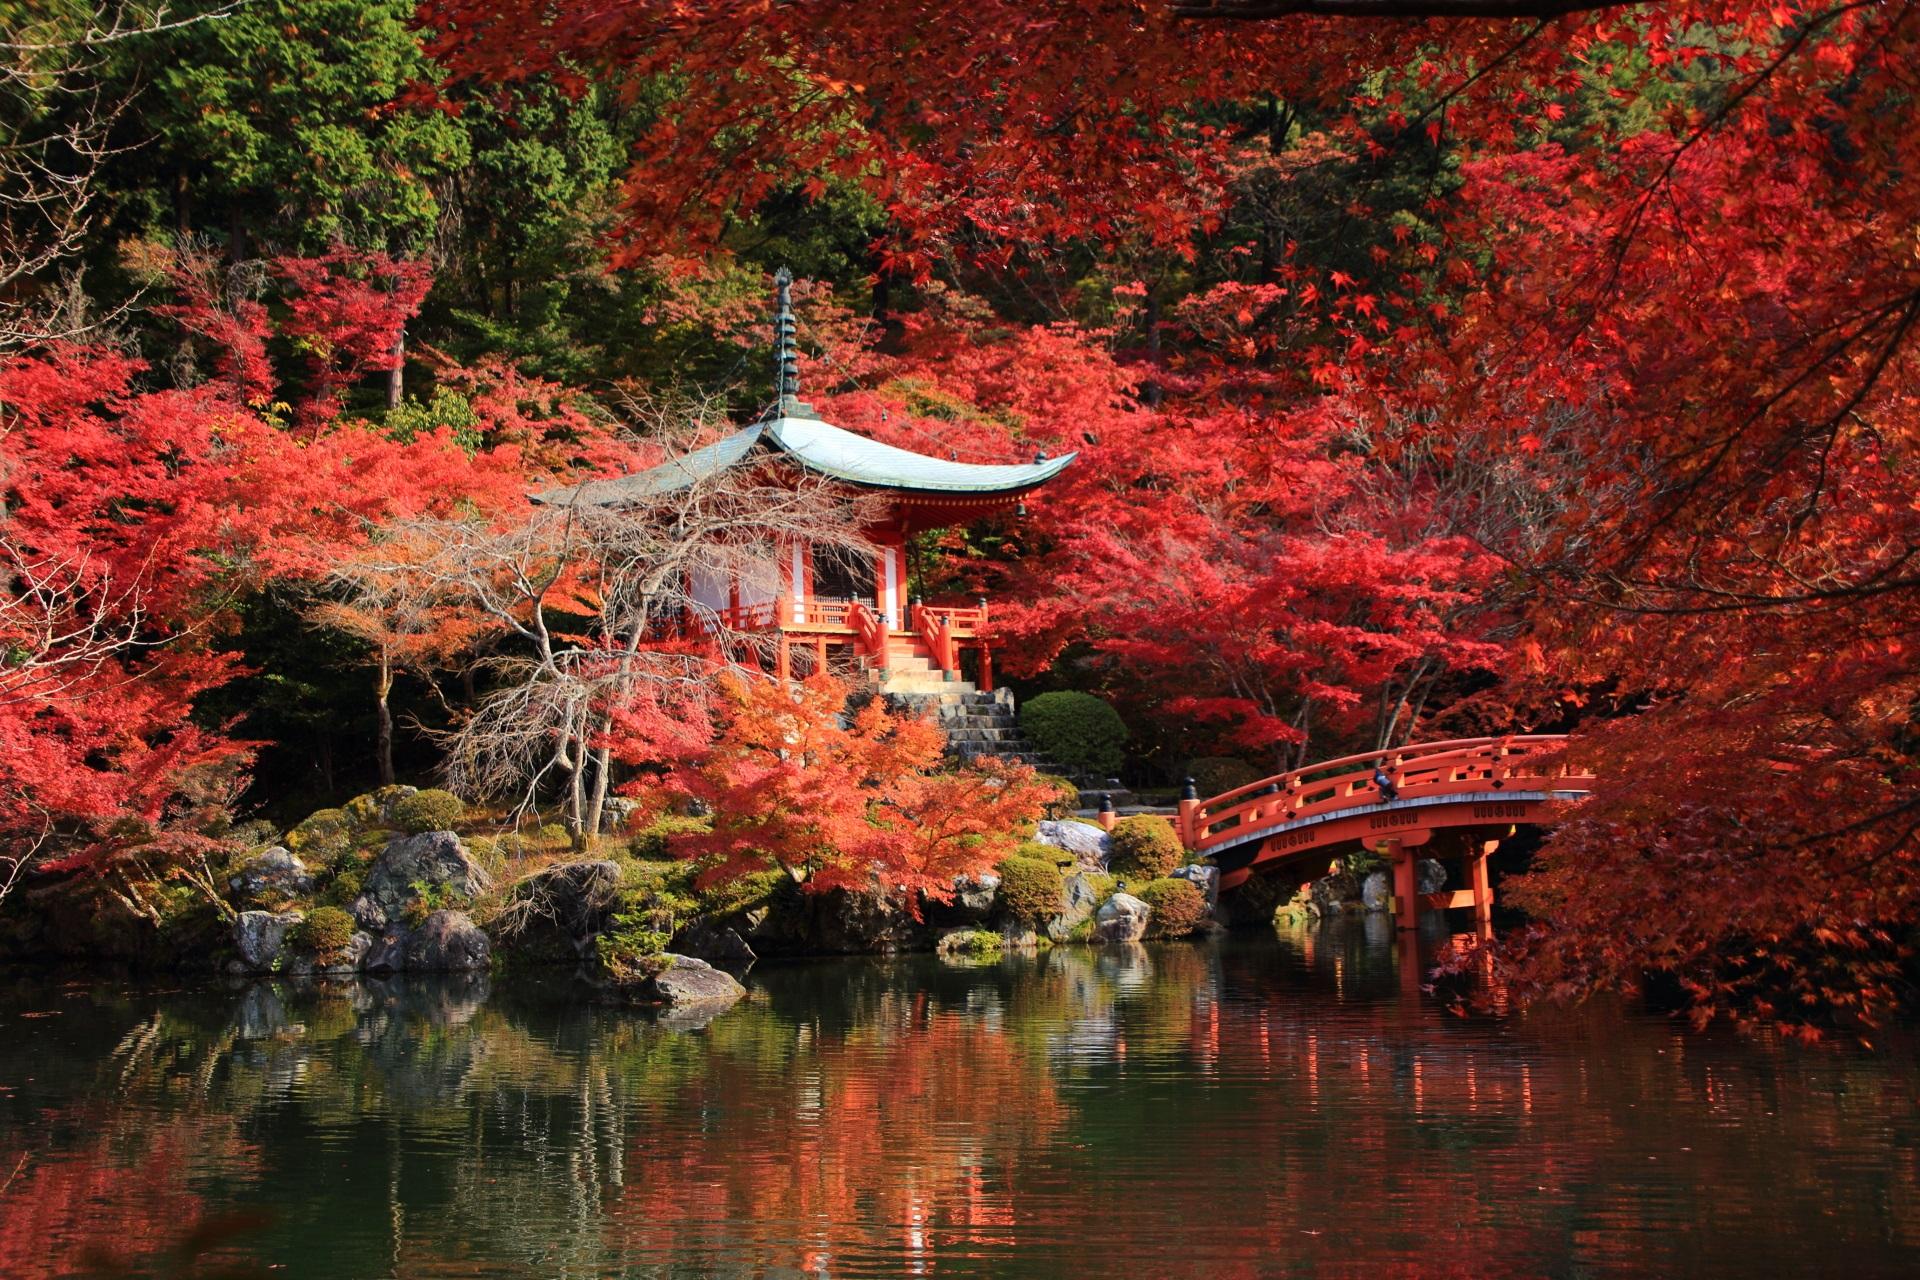 醍醐寺 紅葉 水鏡 高画質 写真